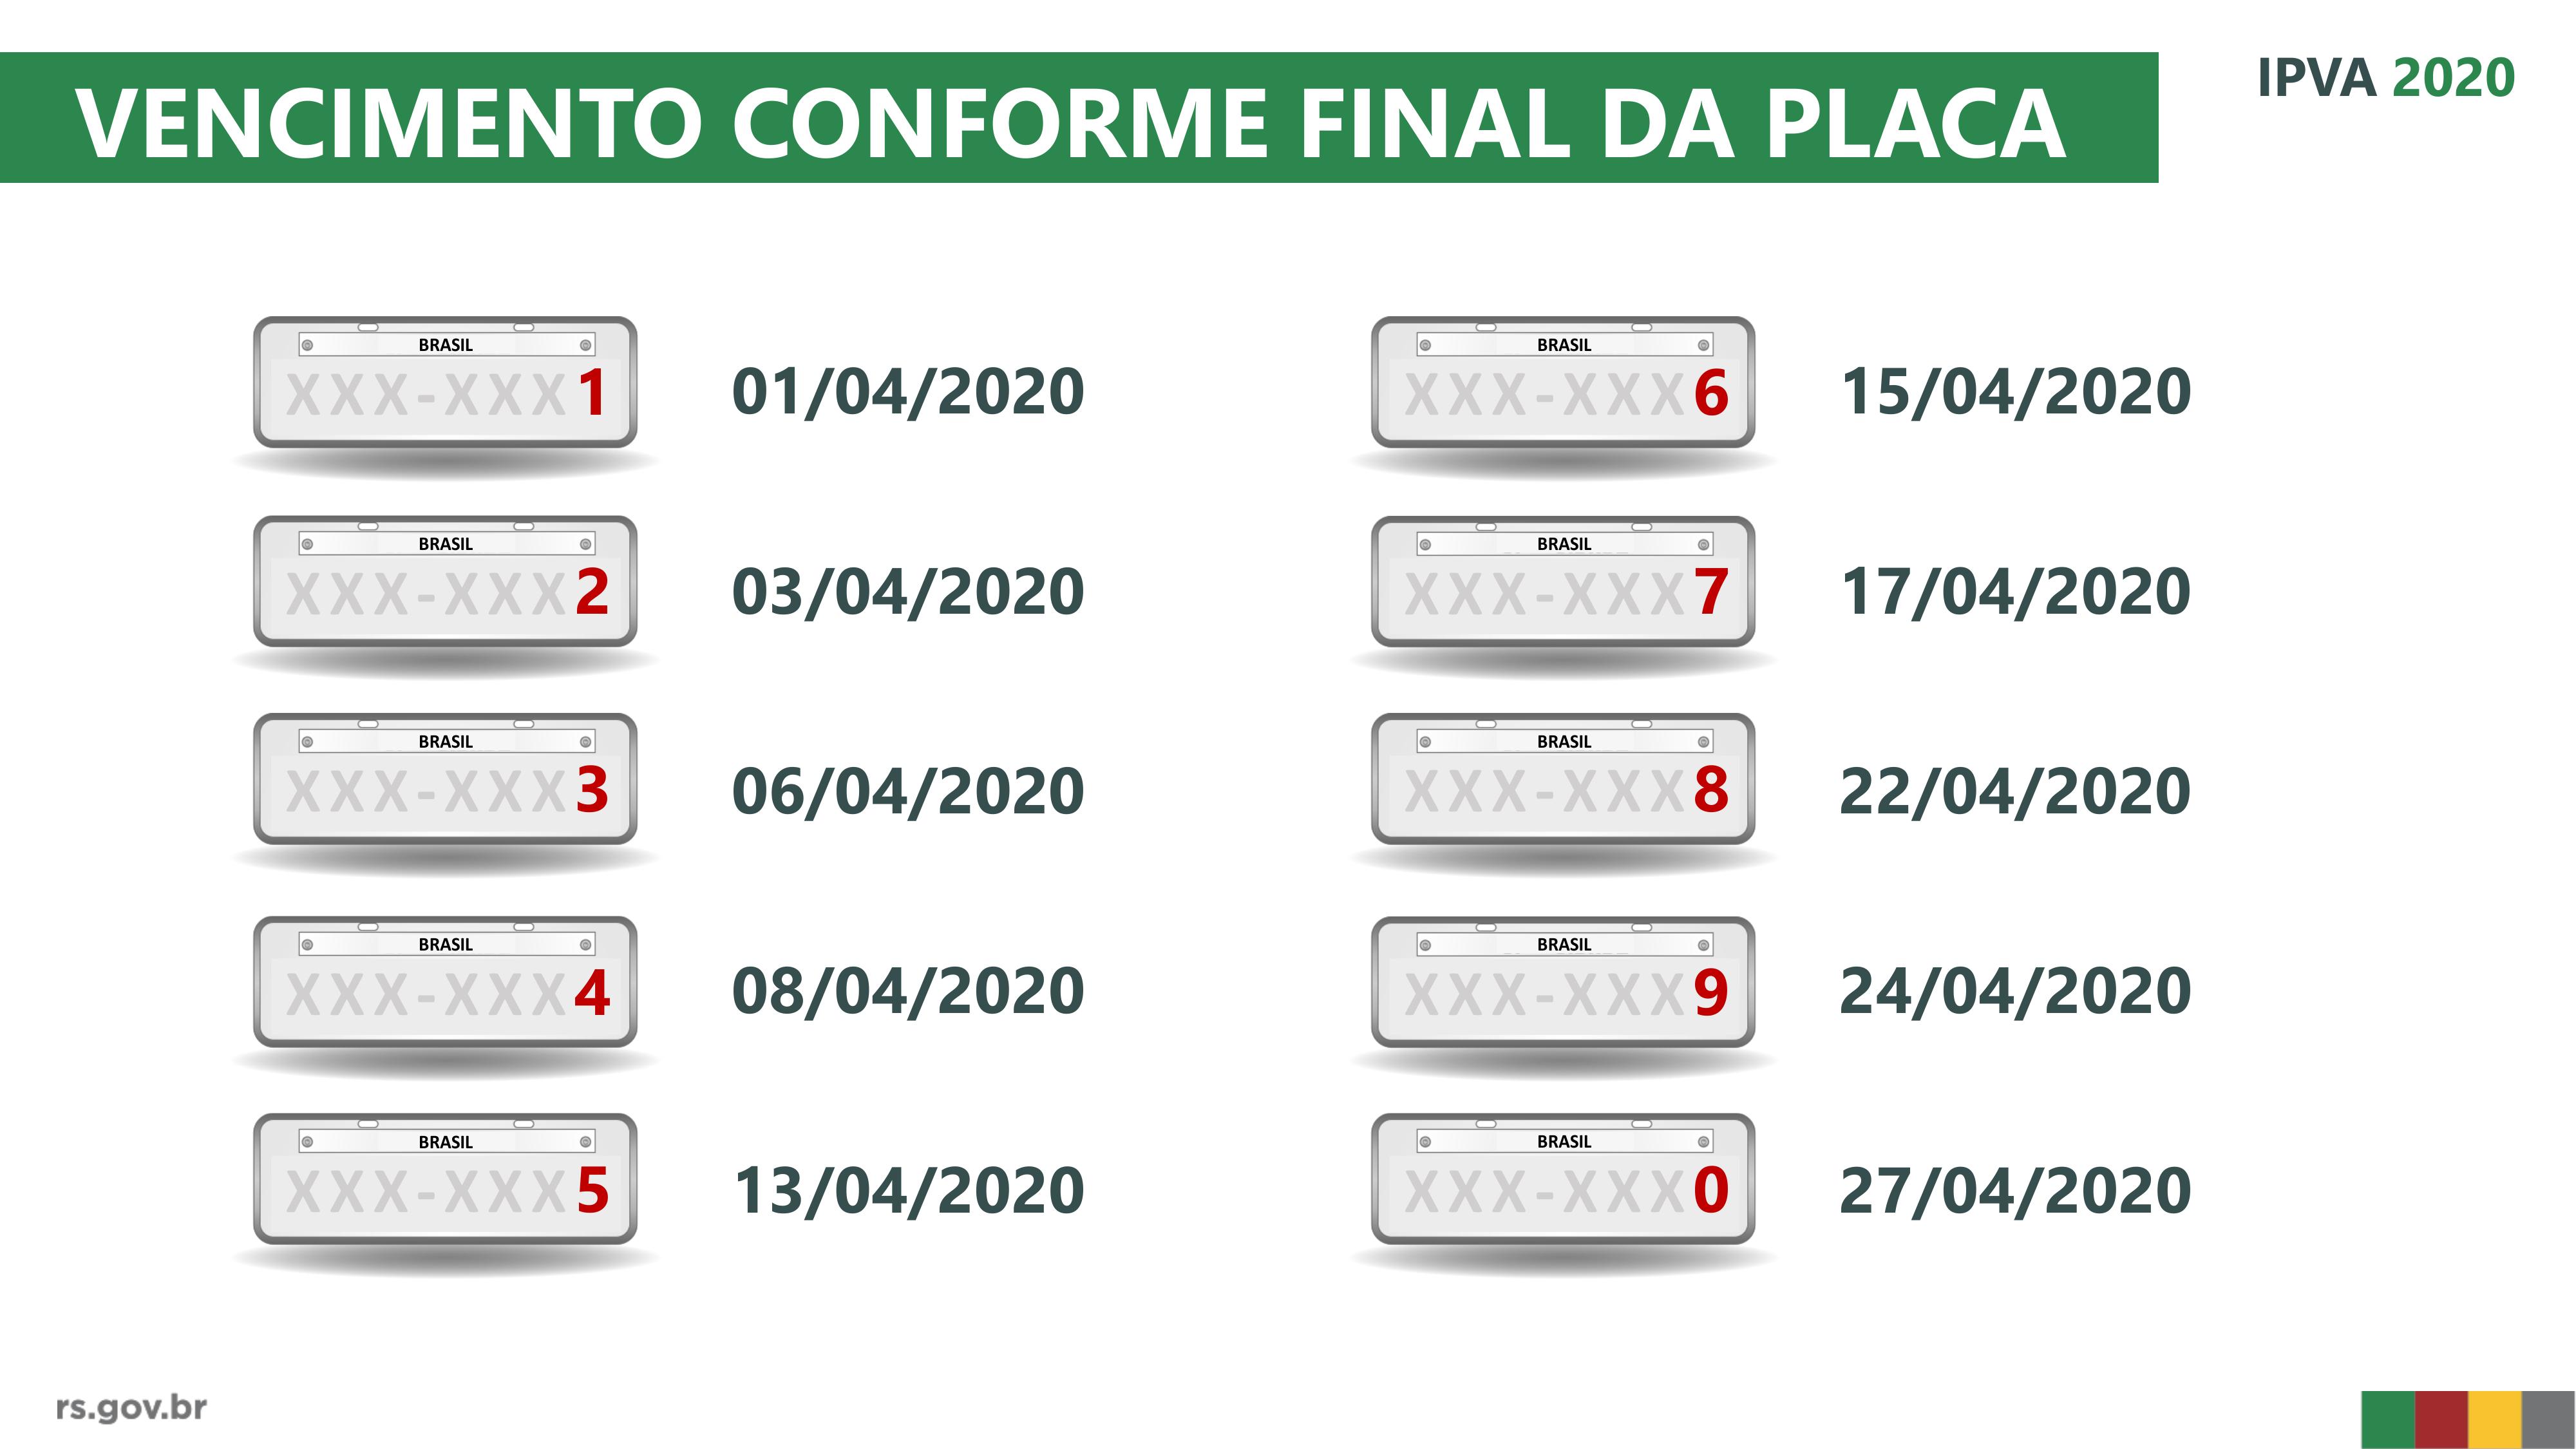 calendário com as placas do IPVA e seus respectivos dias de vencimento